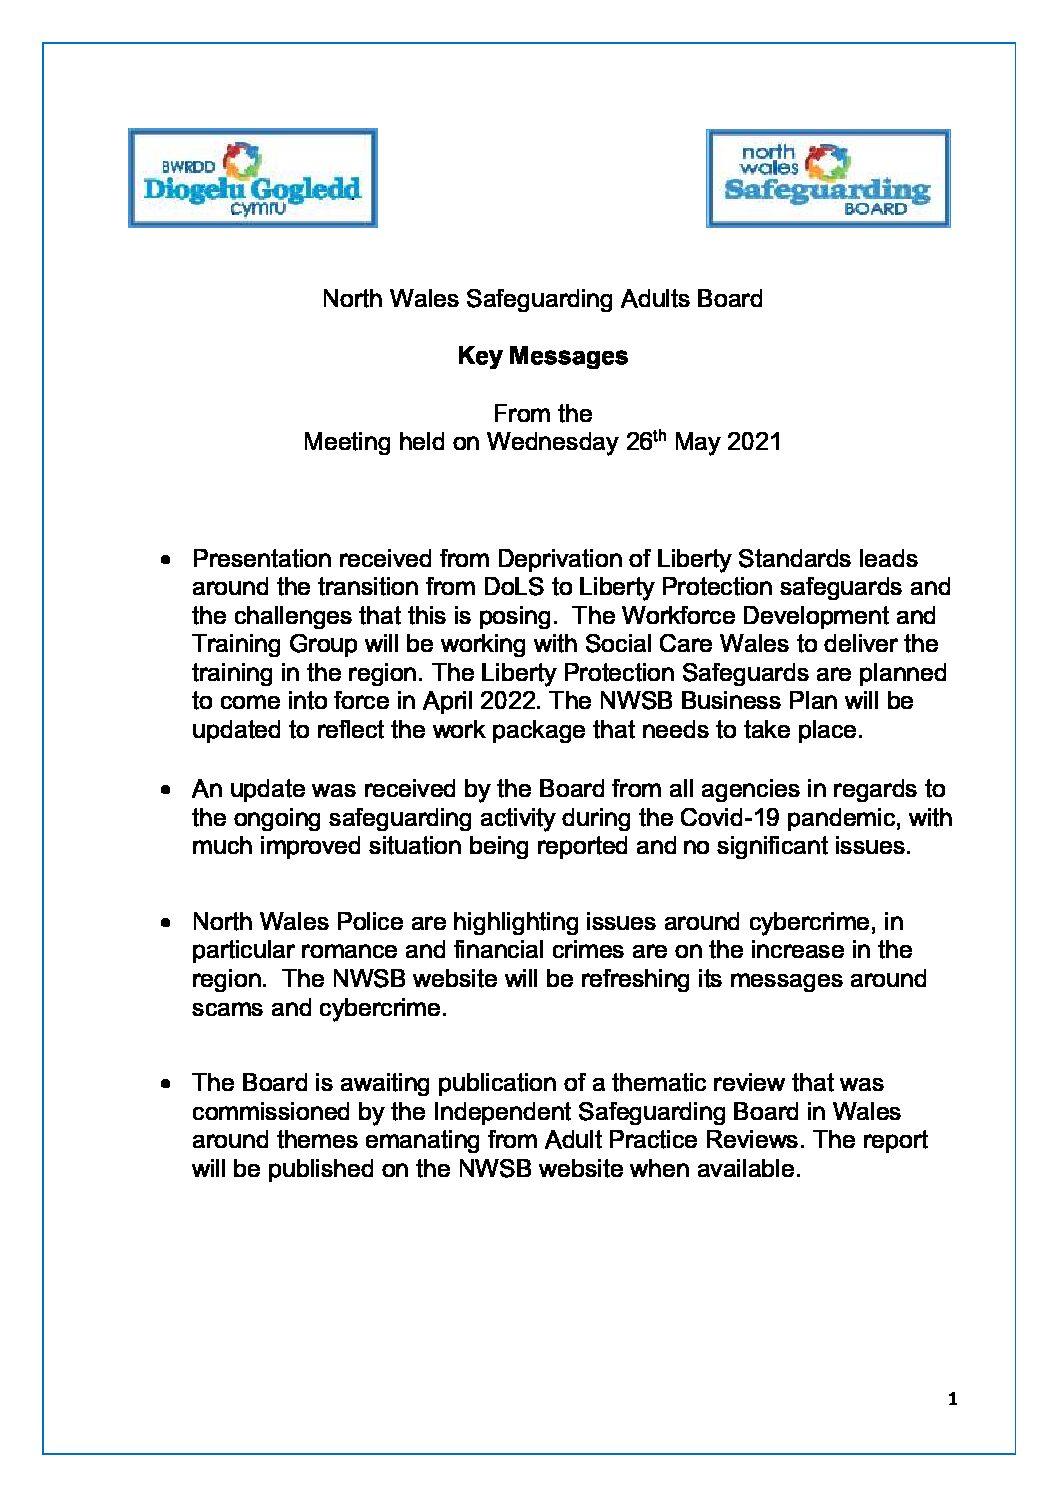 NWSAB Key Messages May 2021